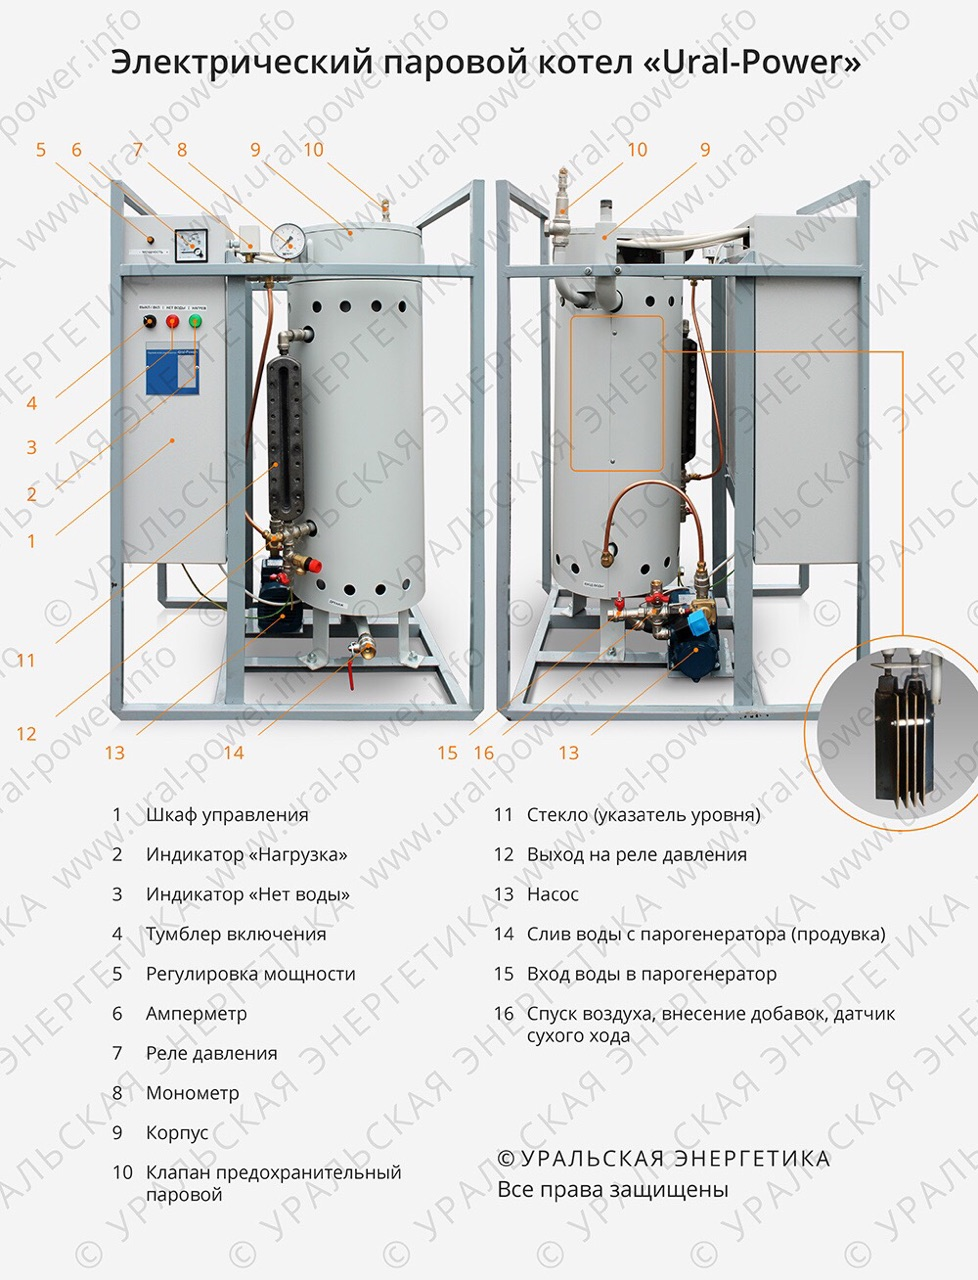 Паровой котел электрический URAL-POWER описание